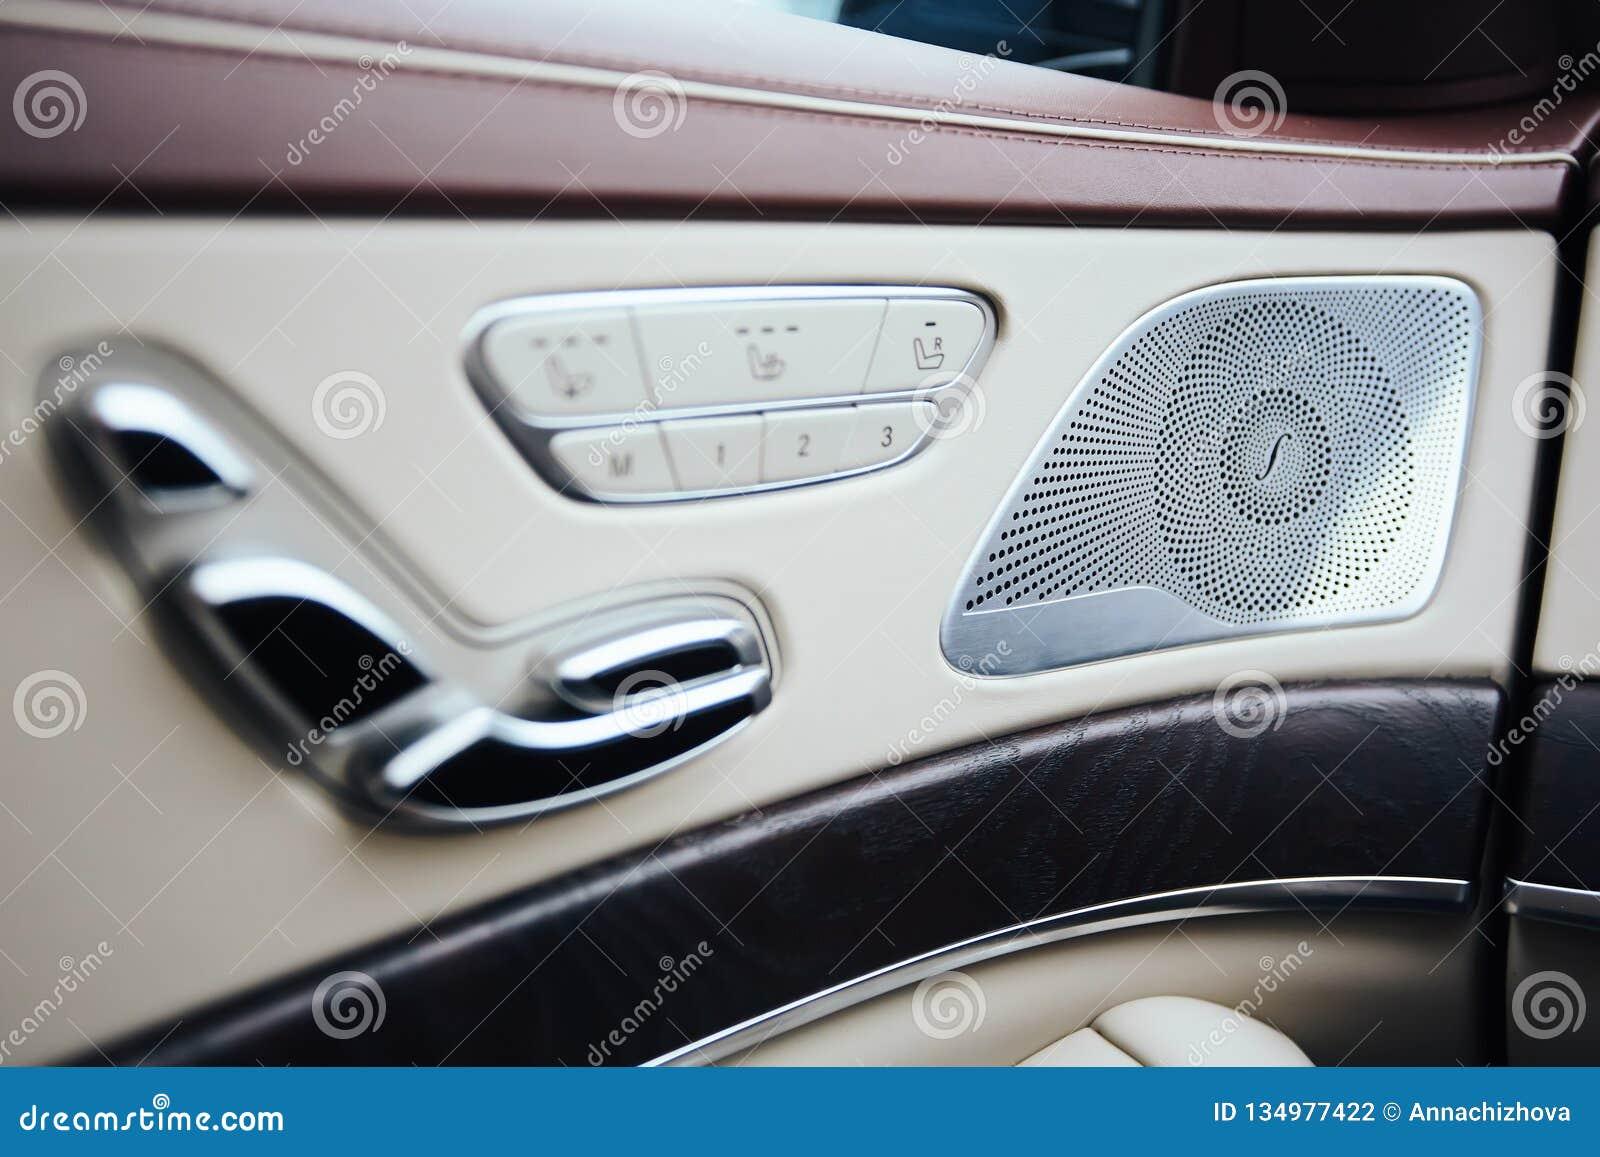 Auto binnen Binnenland van prestige moderne auto Hoge klimaatcontrole, - beëindig correcte sprekers, zetelgeheugen, deurhefboom